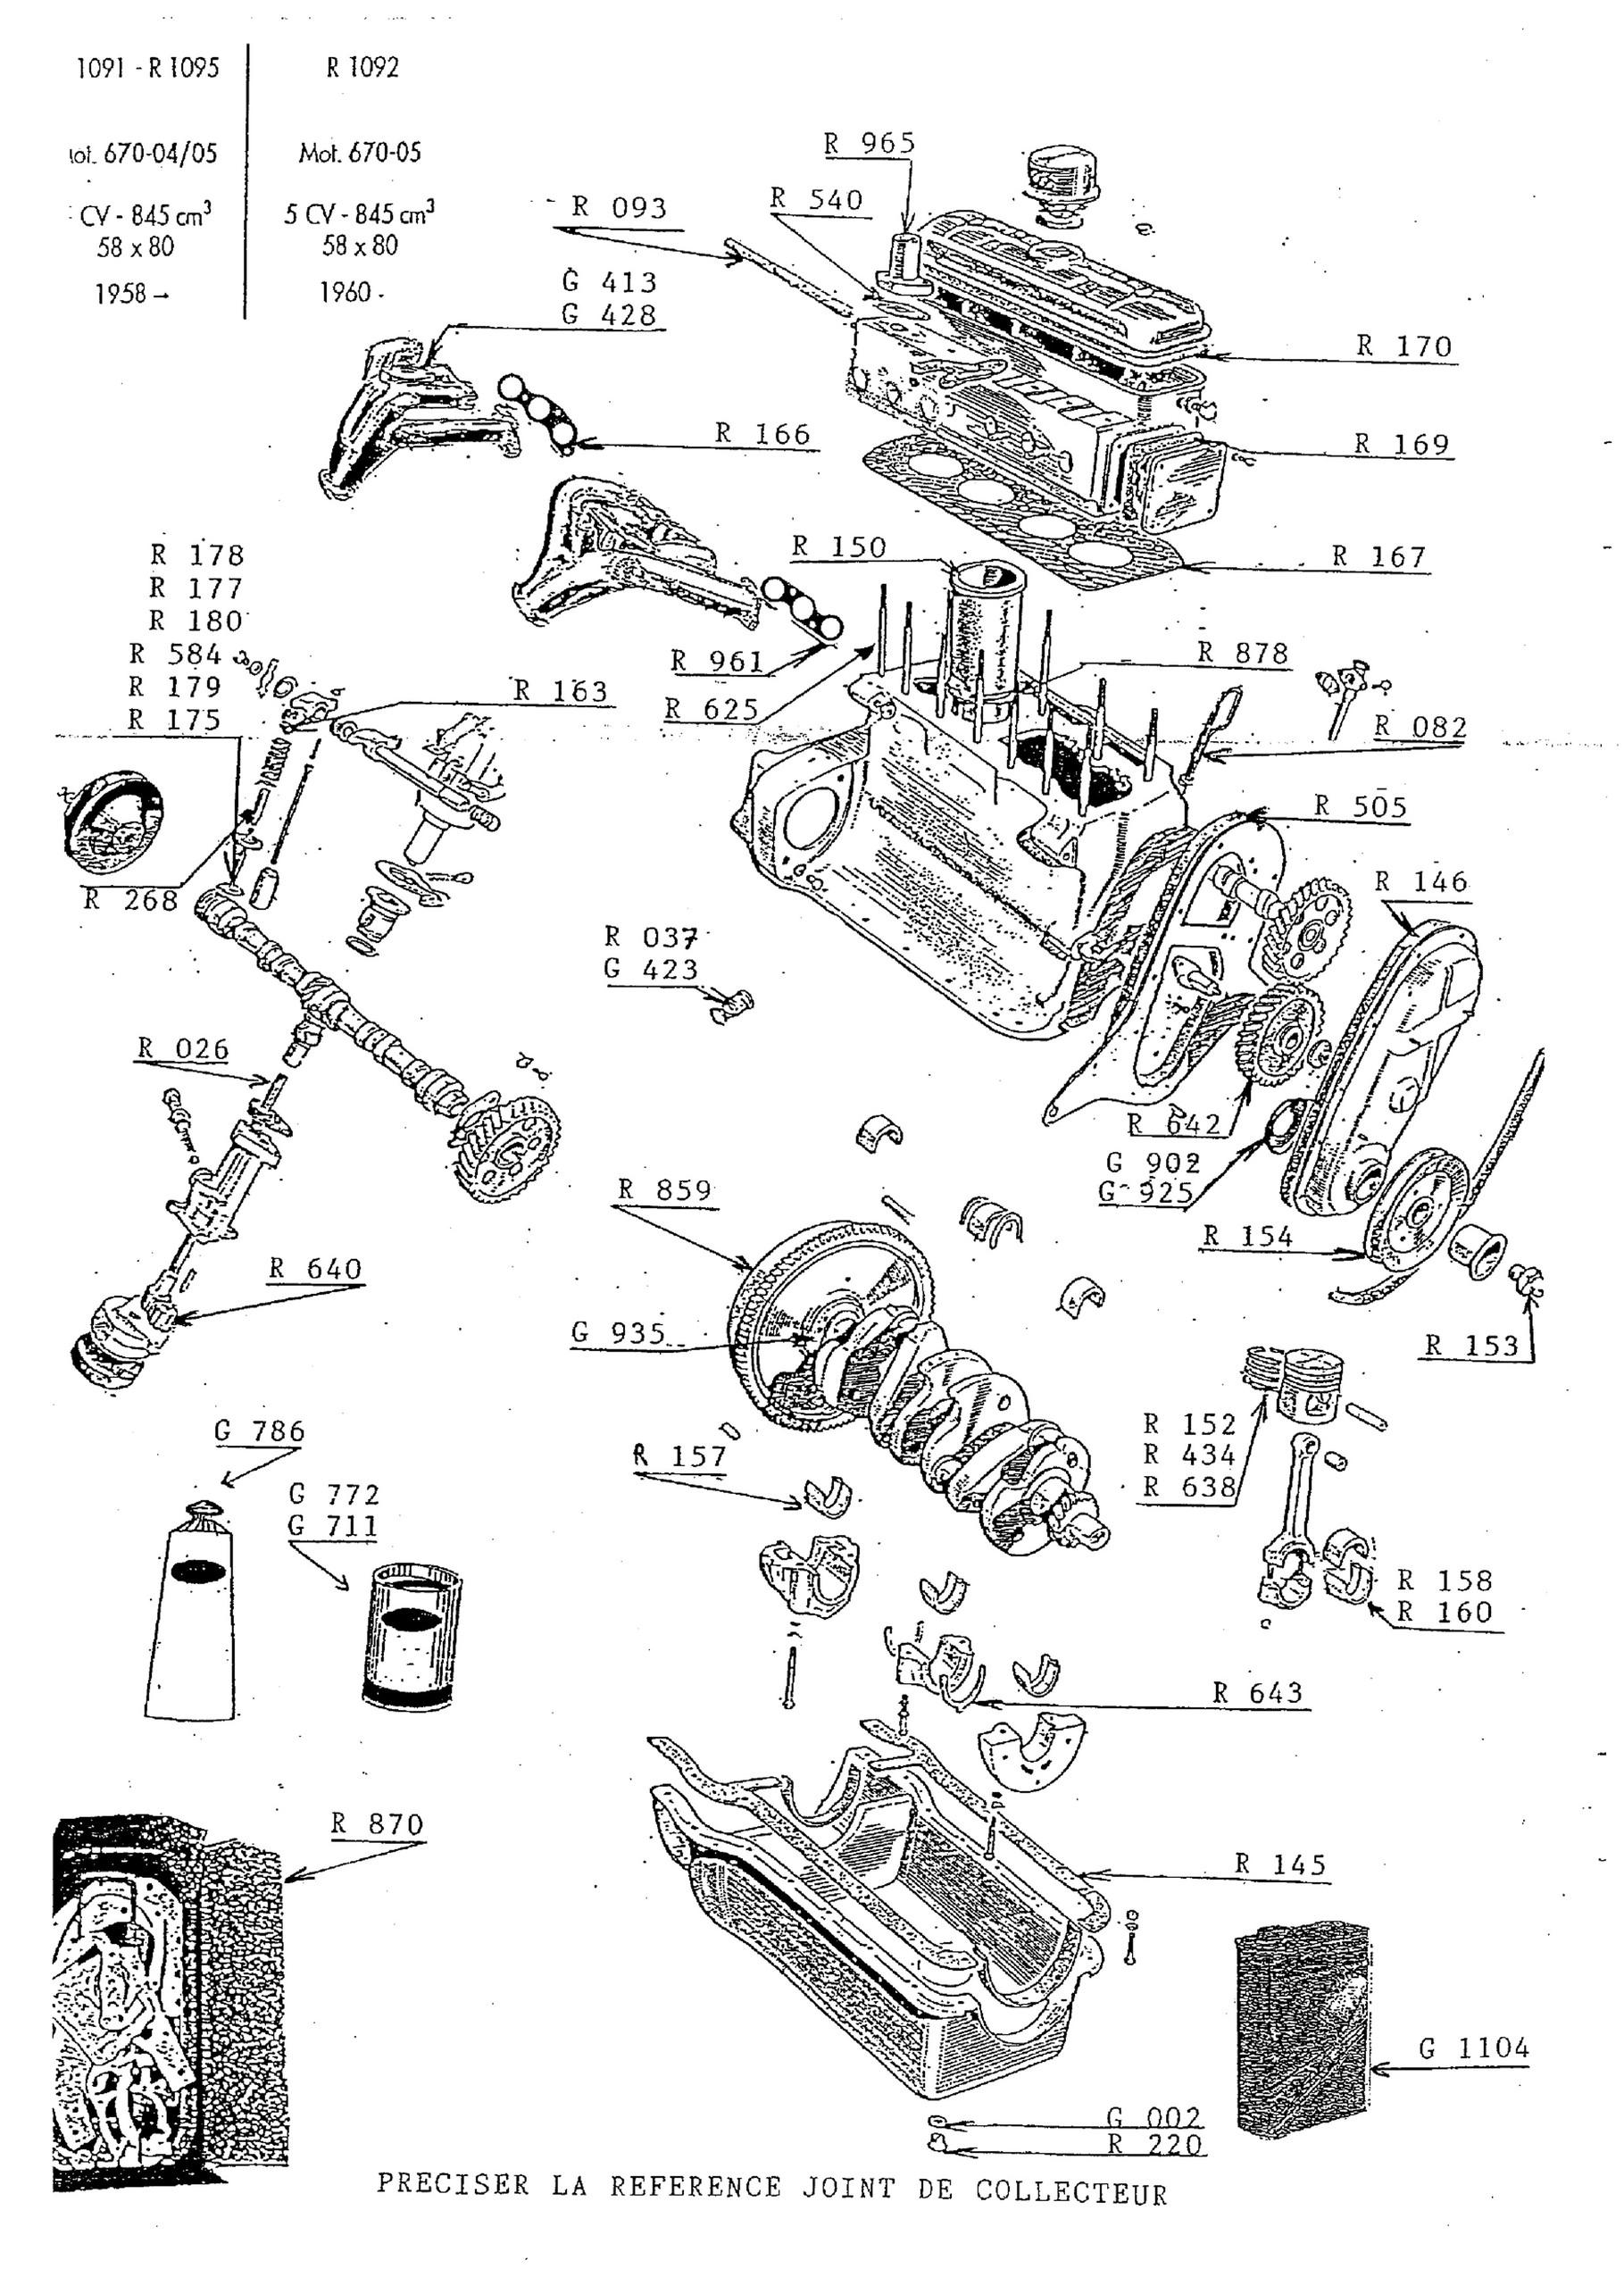 moteur 670 - 04 55